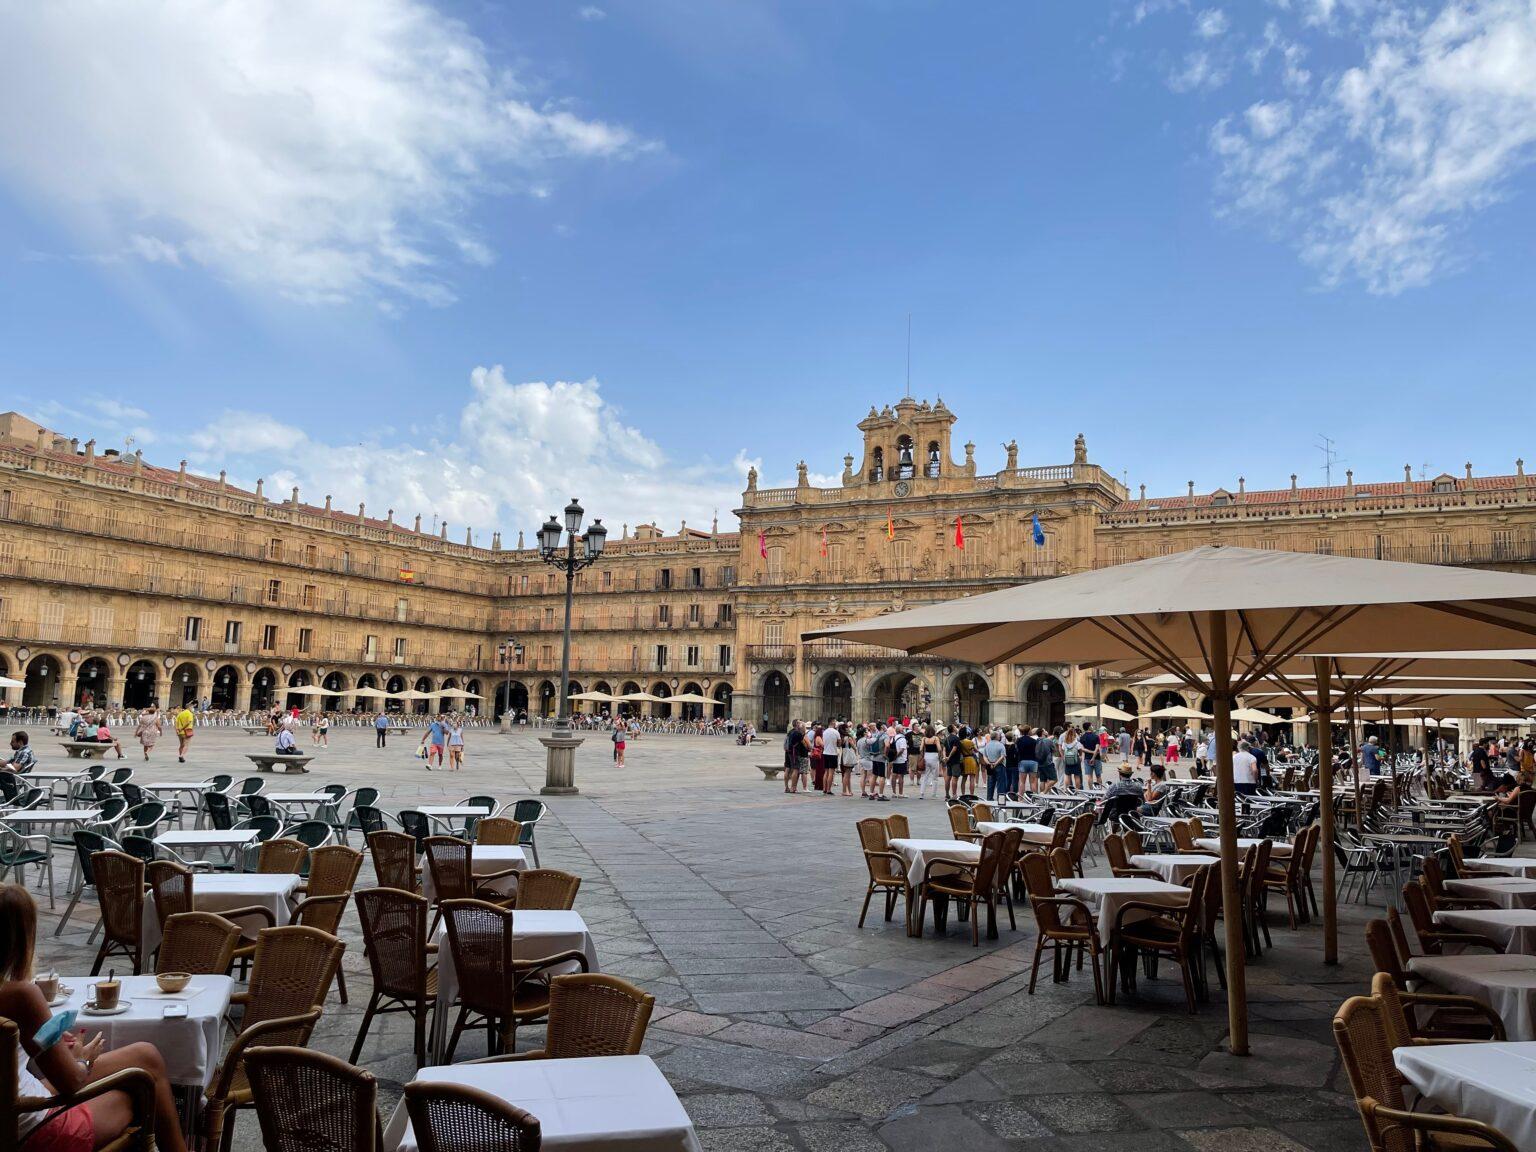 The main square in Salamanca.